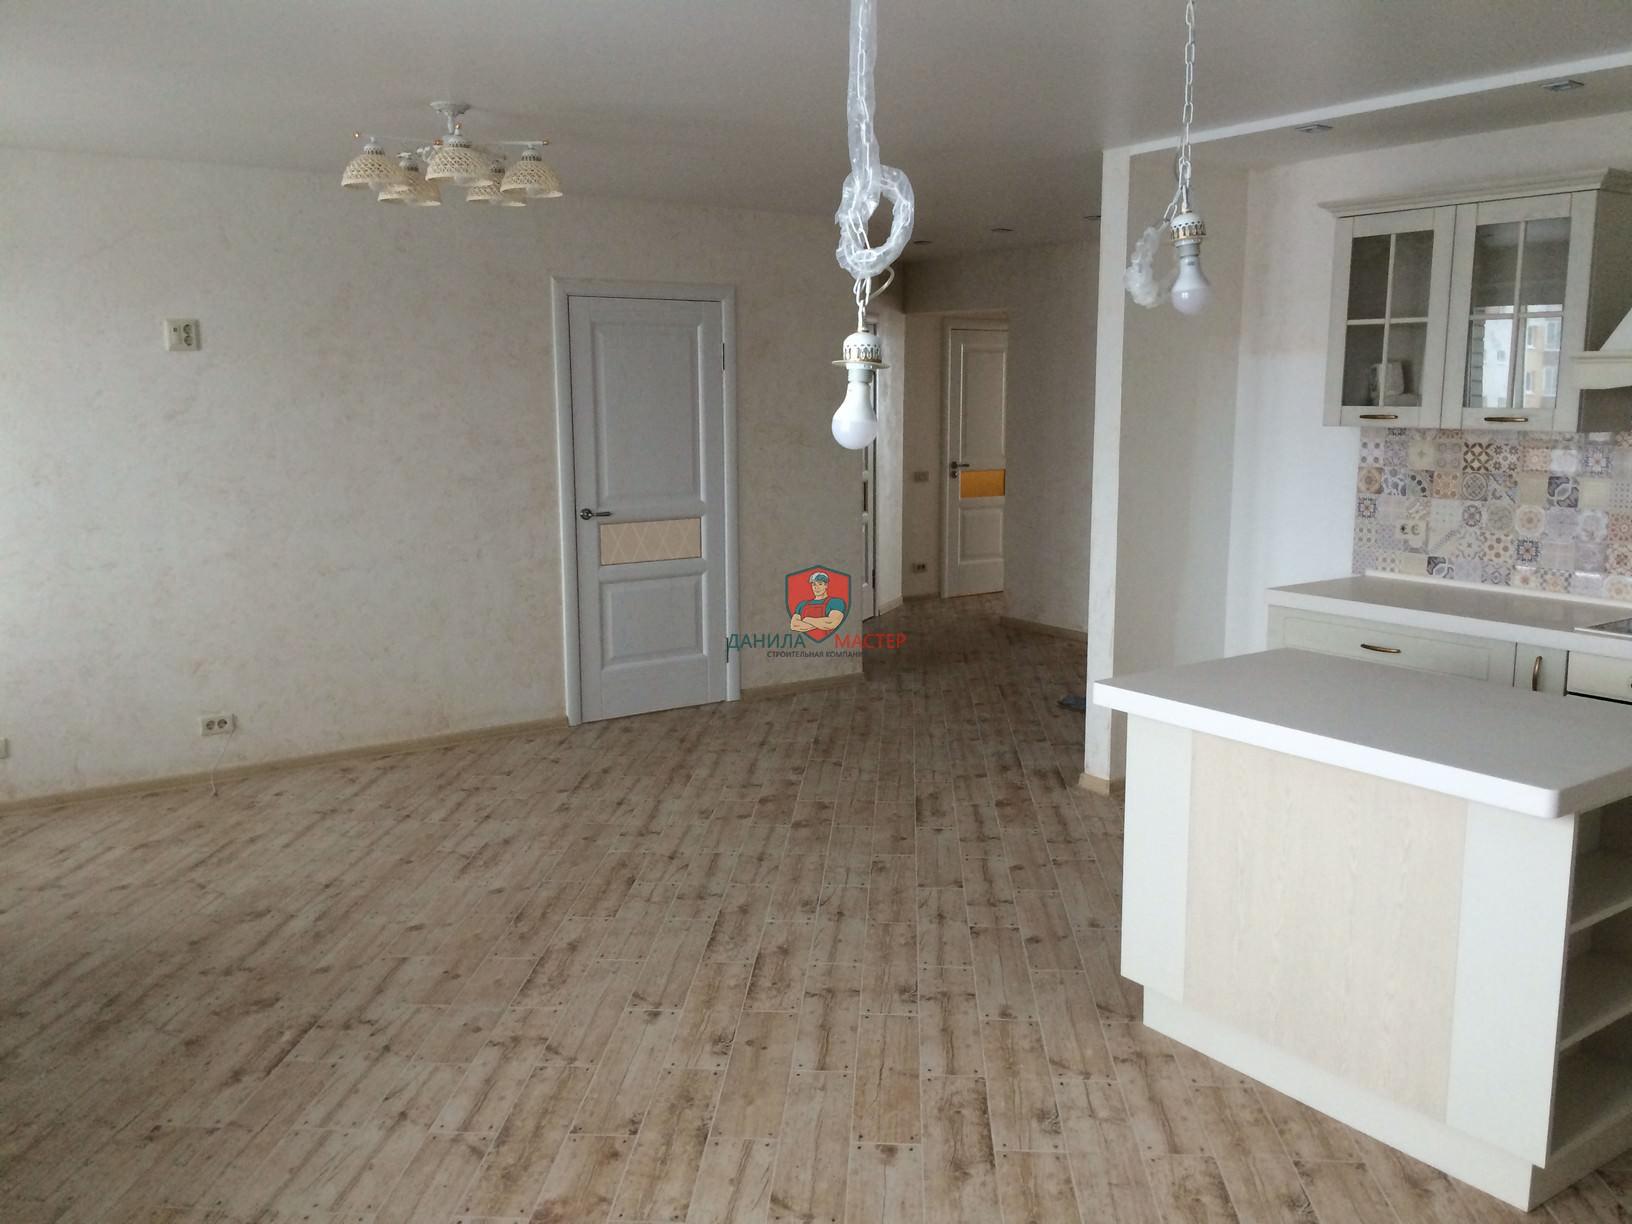 Ремонт трехкомнатной квартиры под ключ по адресу: г. Киров, ул. Солнечная, 55